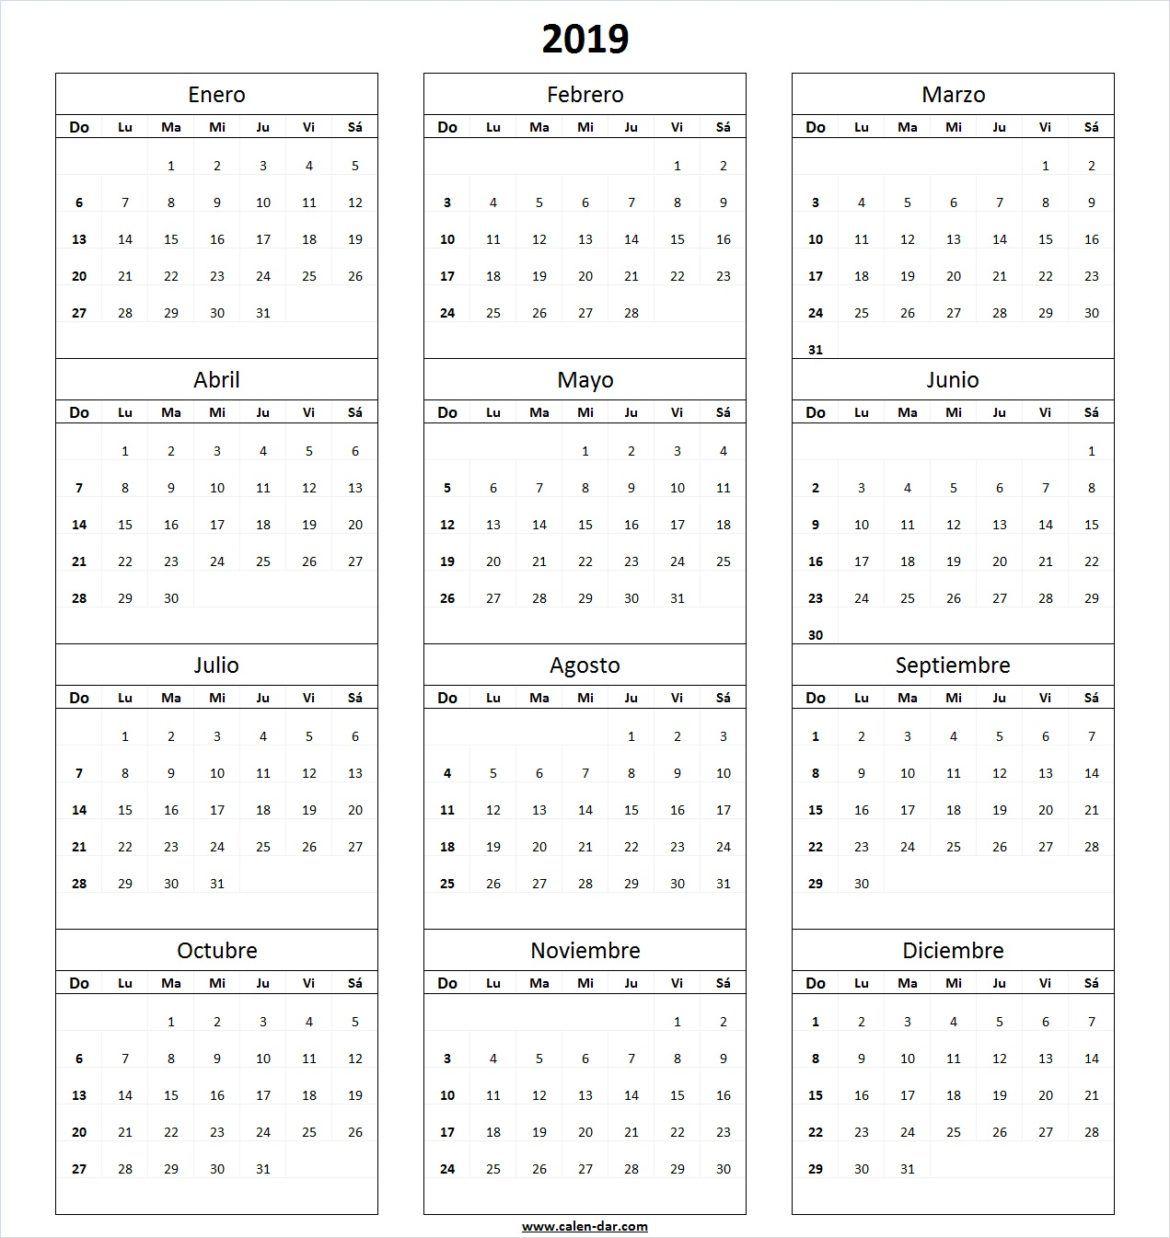 Calendario Marzo 2020 Argentina Para Imprimir.Calendario 2019 Mas De 150 Plantillas Para Imprimir Y